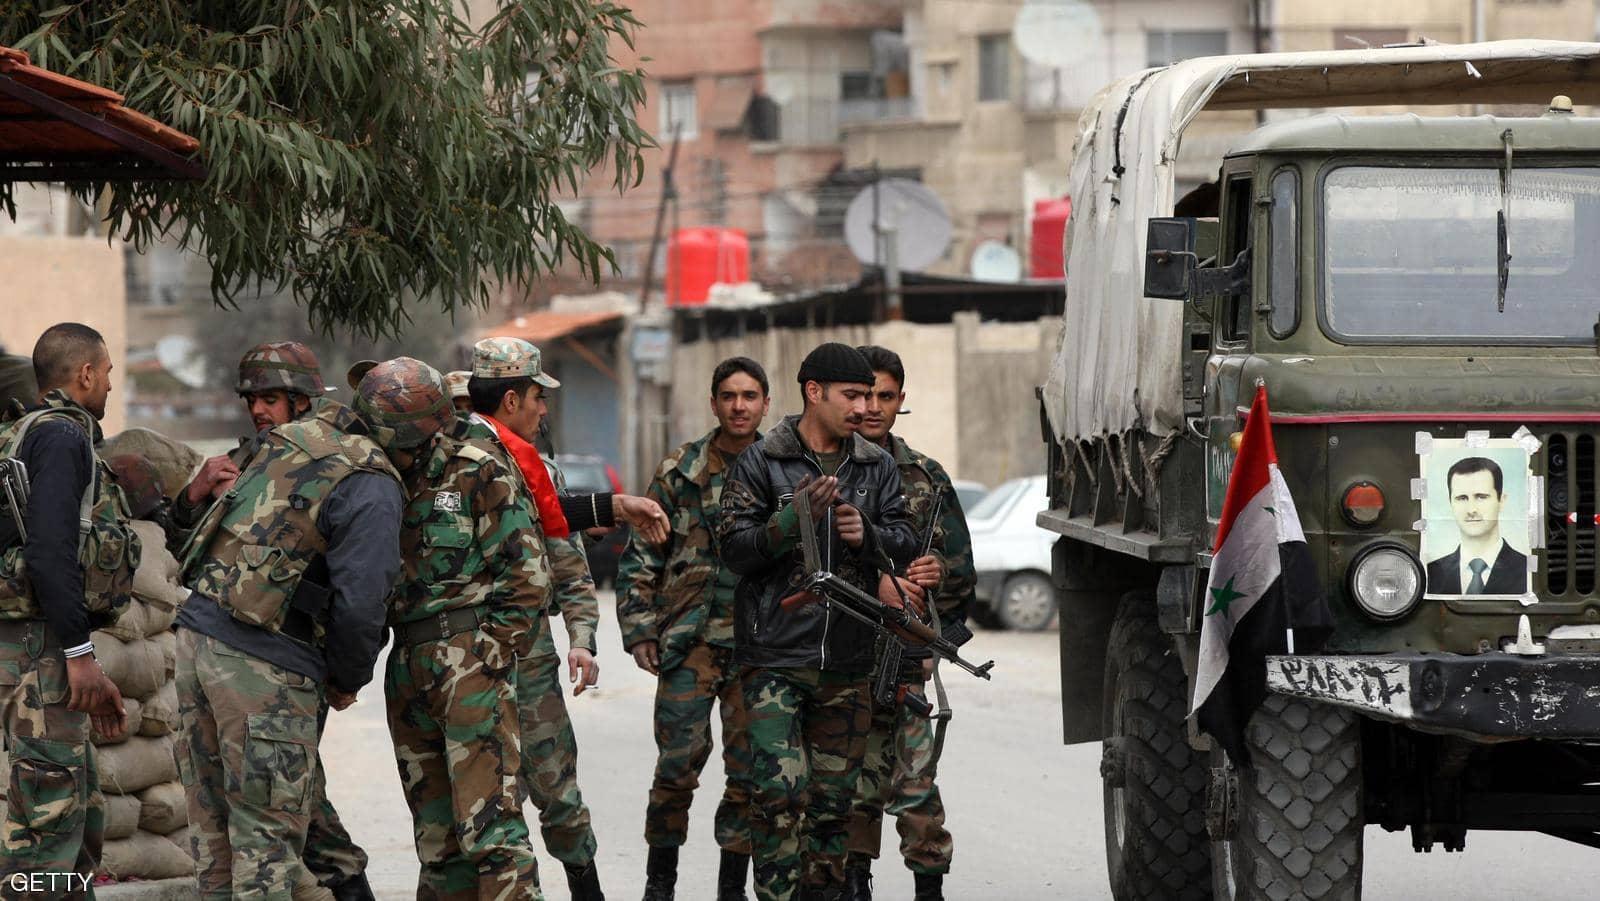 صورة عقب تدمير منازل حلب .. هذا ما يفعله النظام في ممتلكات أهالي حرستا